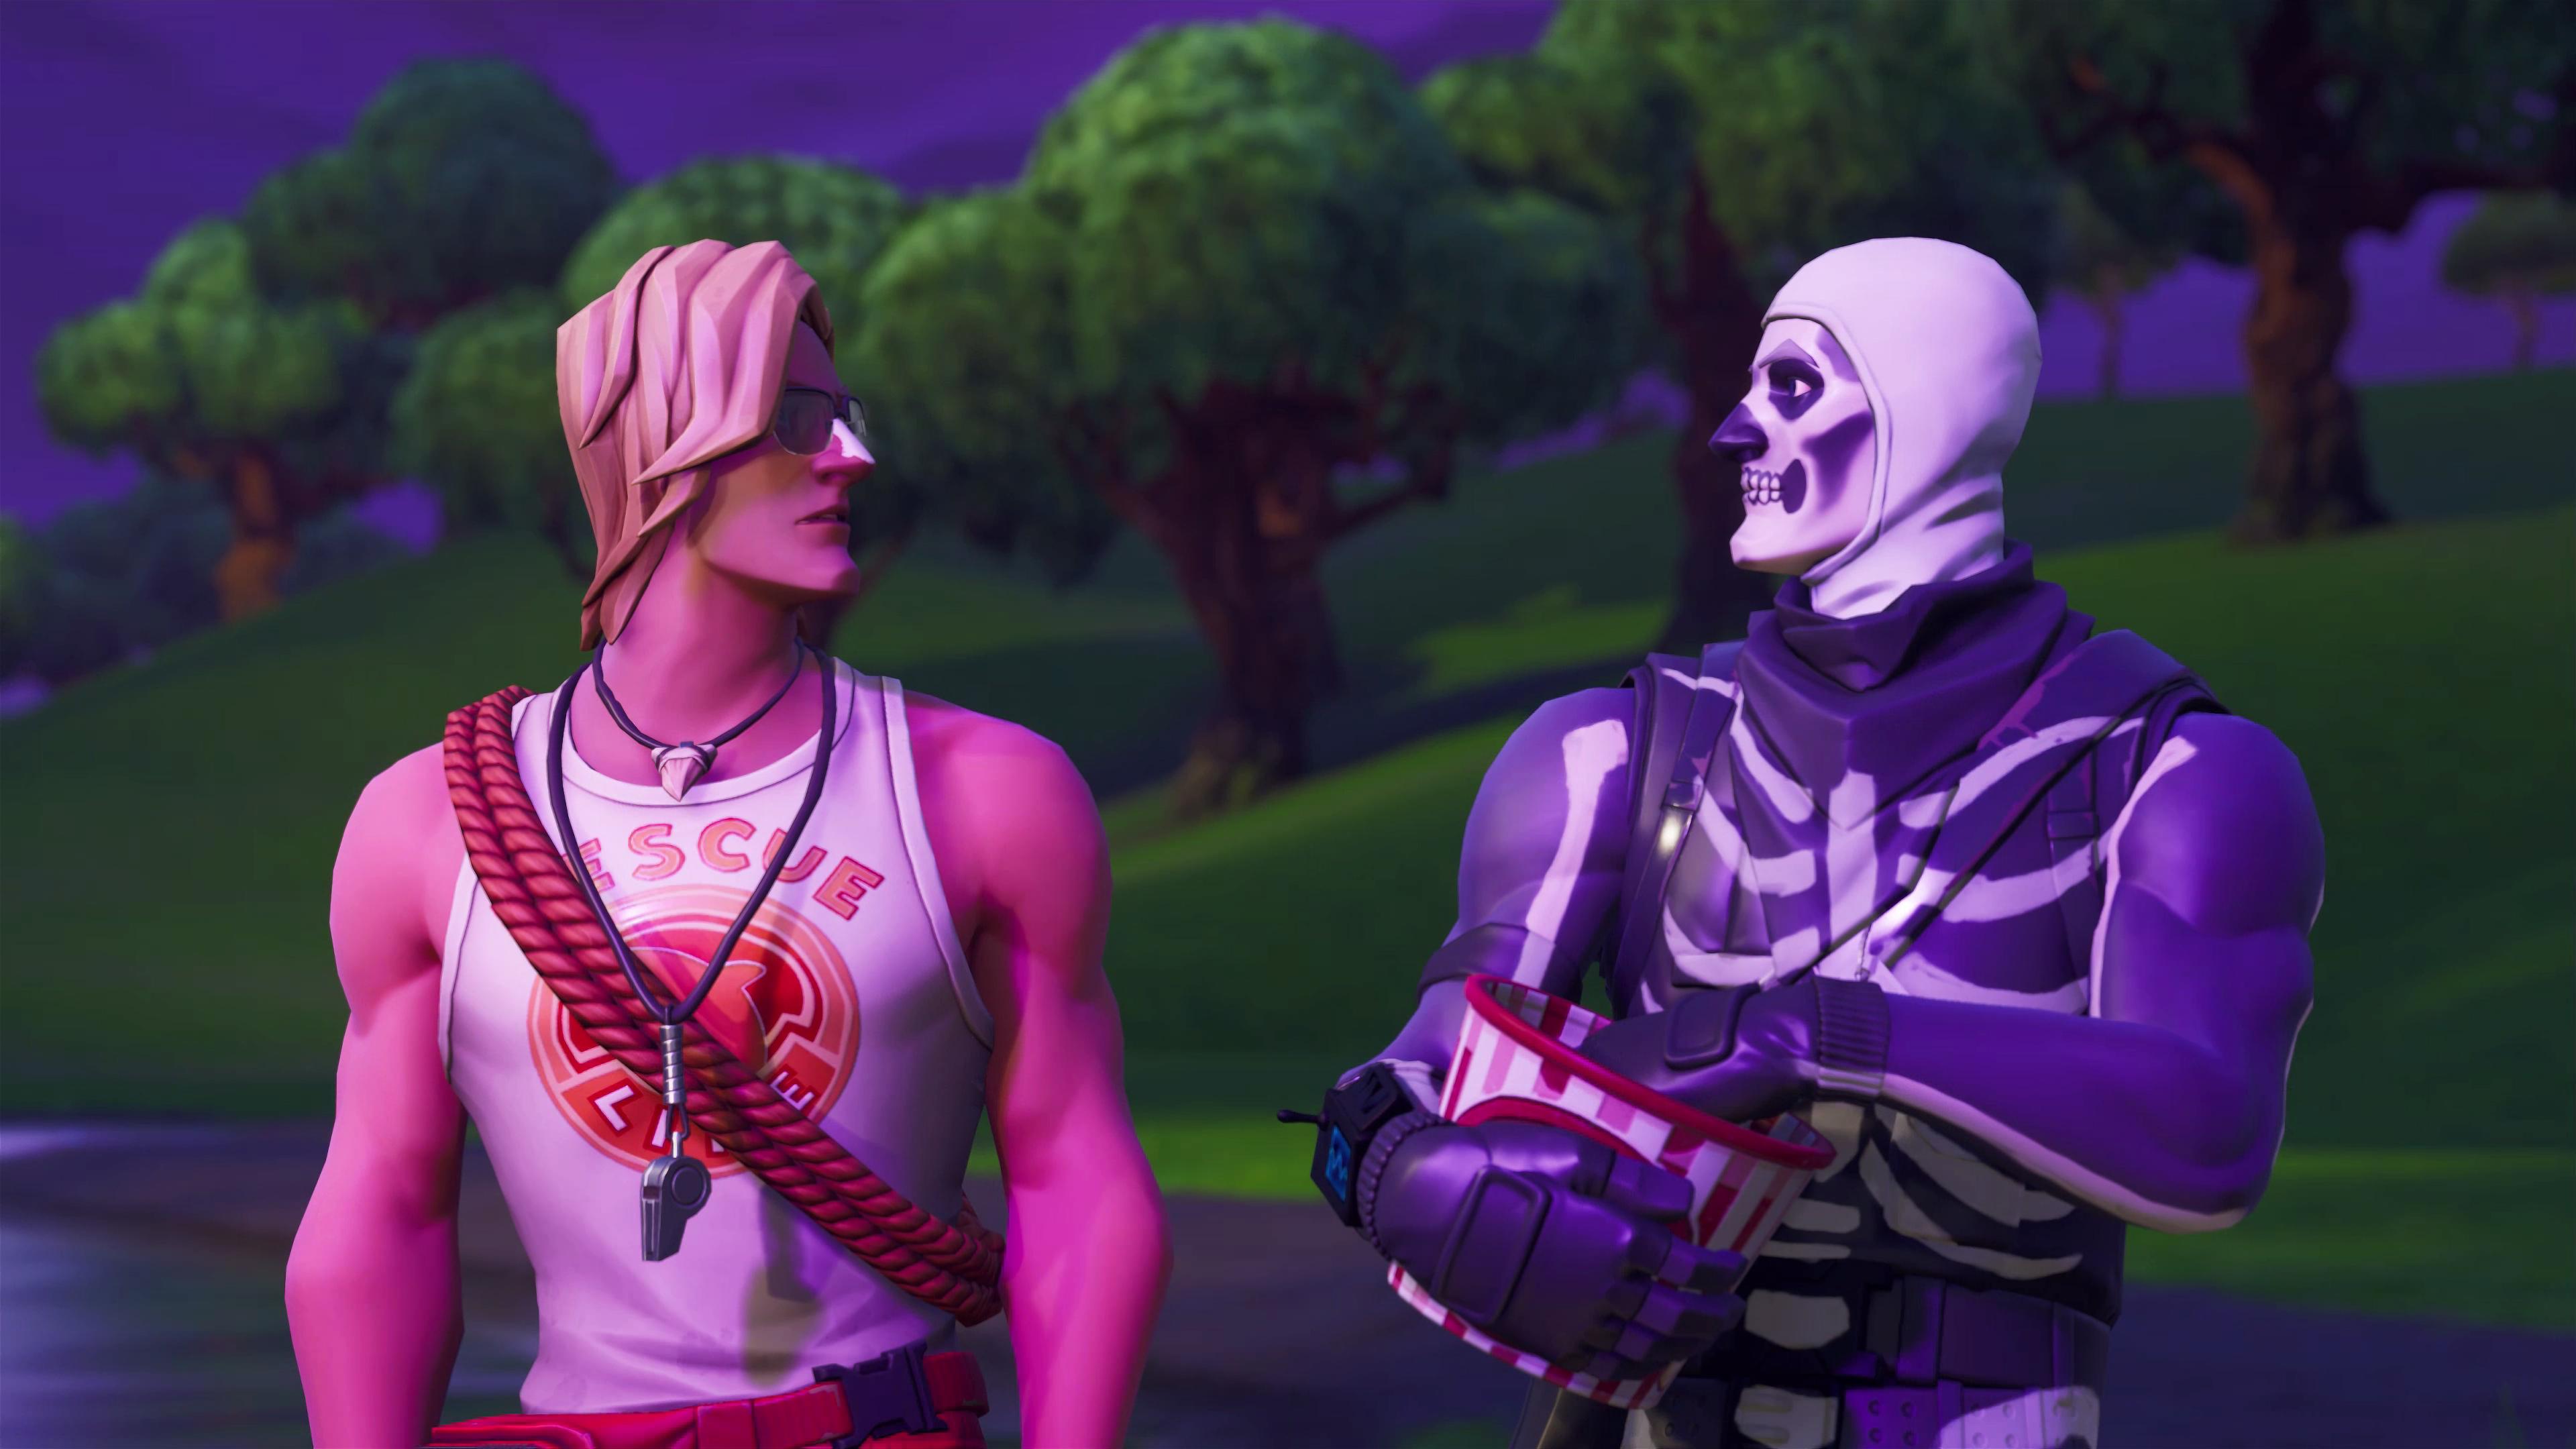 Background Trooper Fortnite Skull